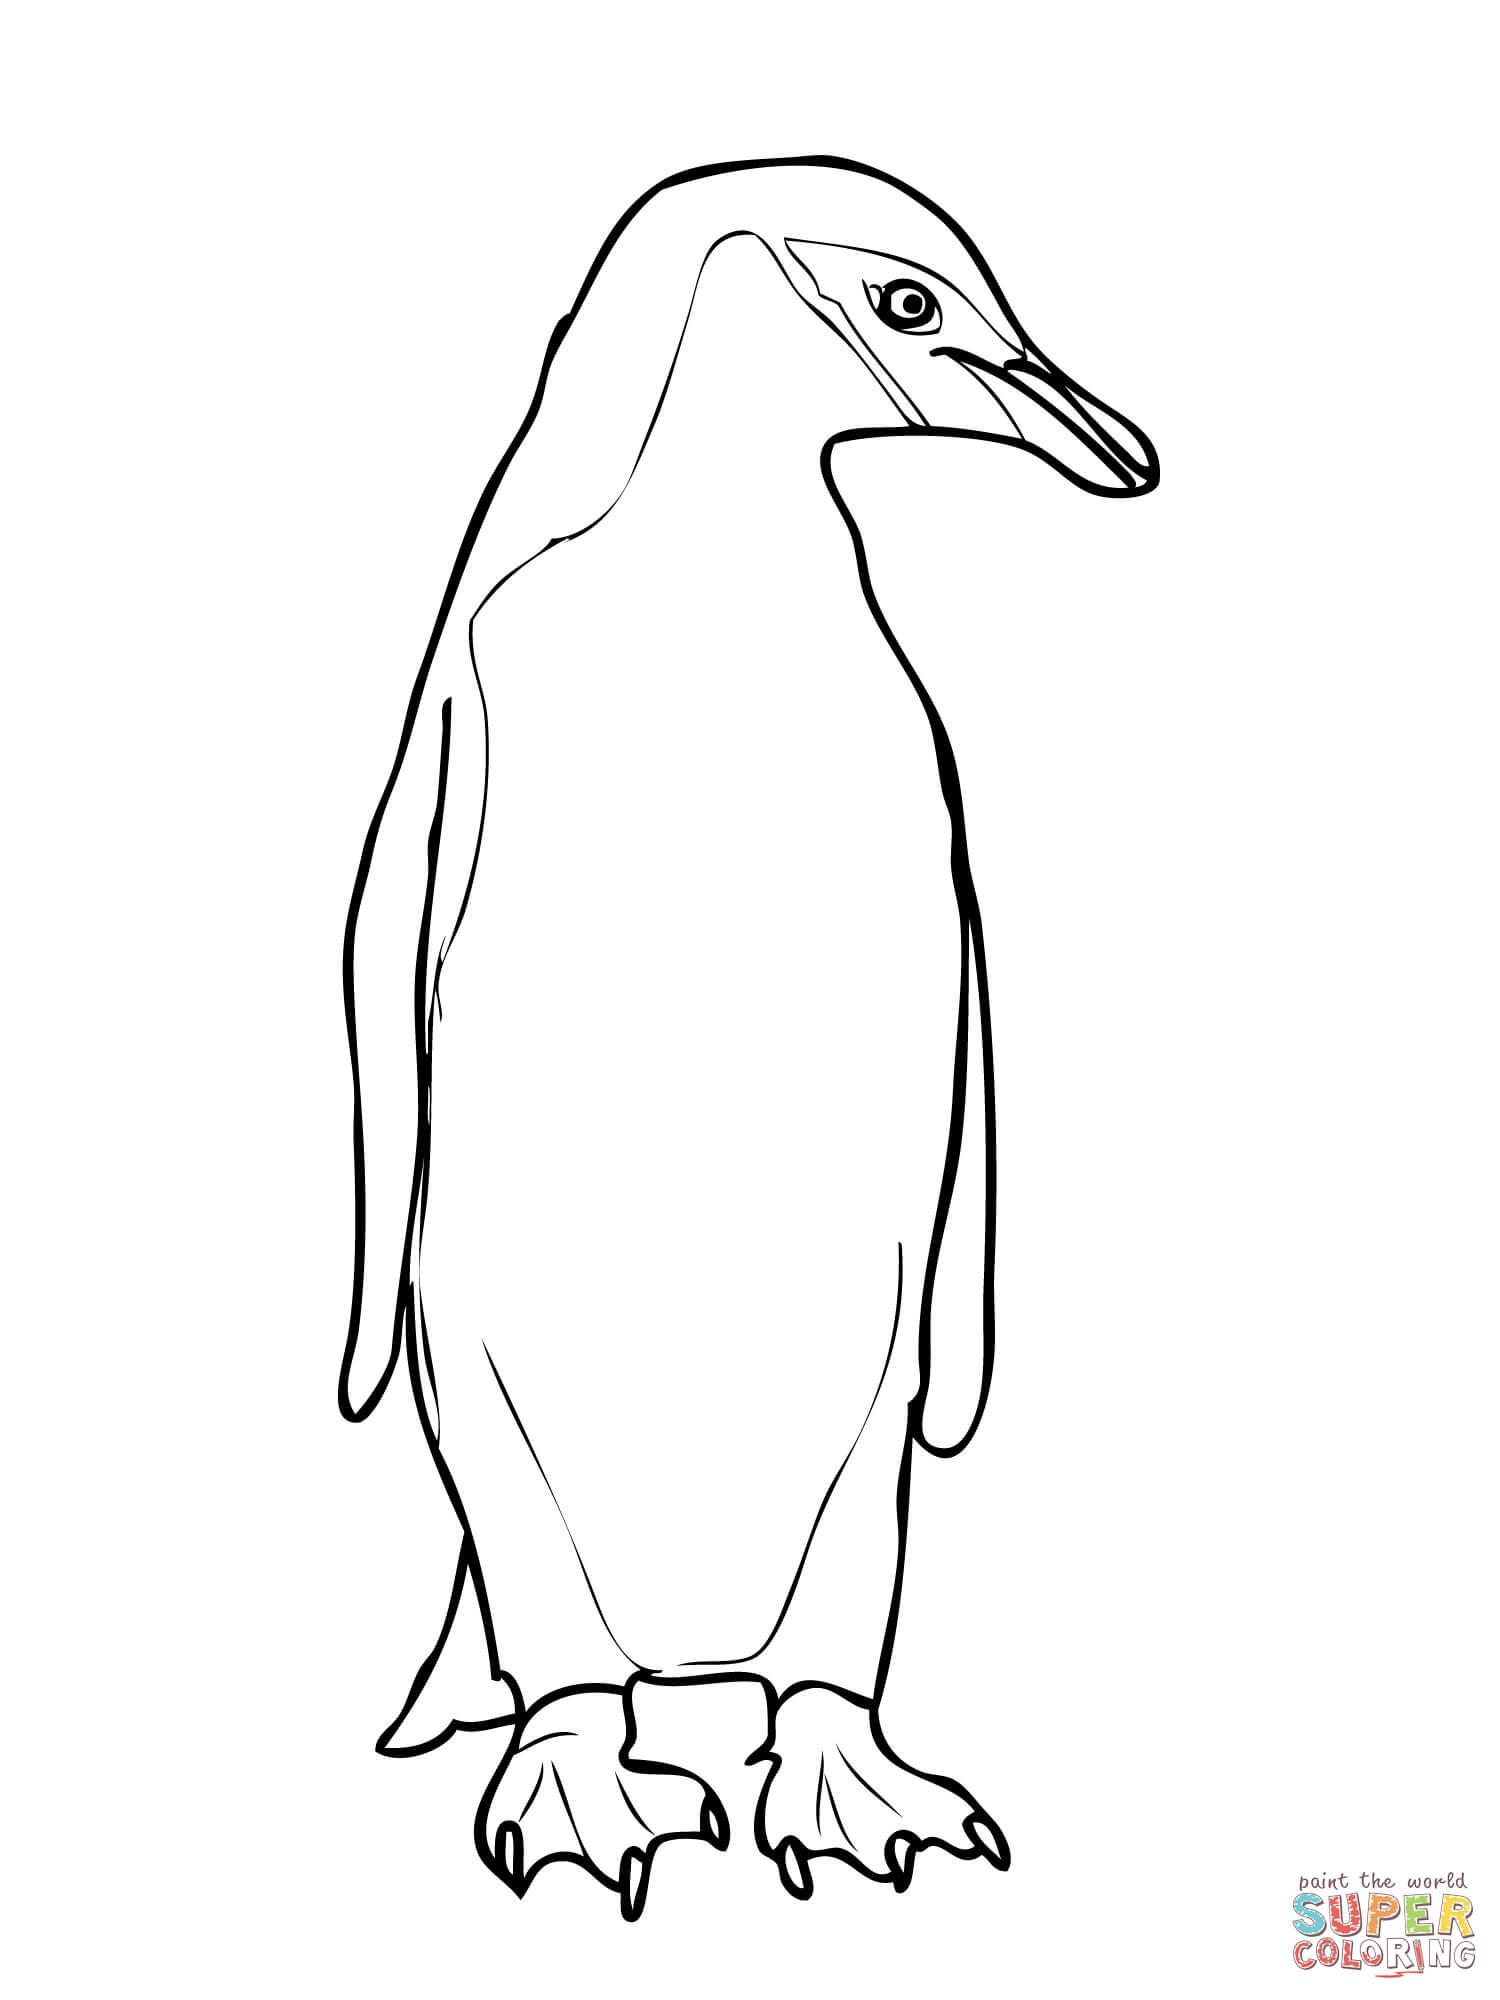 Coloriages à imprimer : Pinguoin, numéro : 1a05c8ab